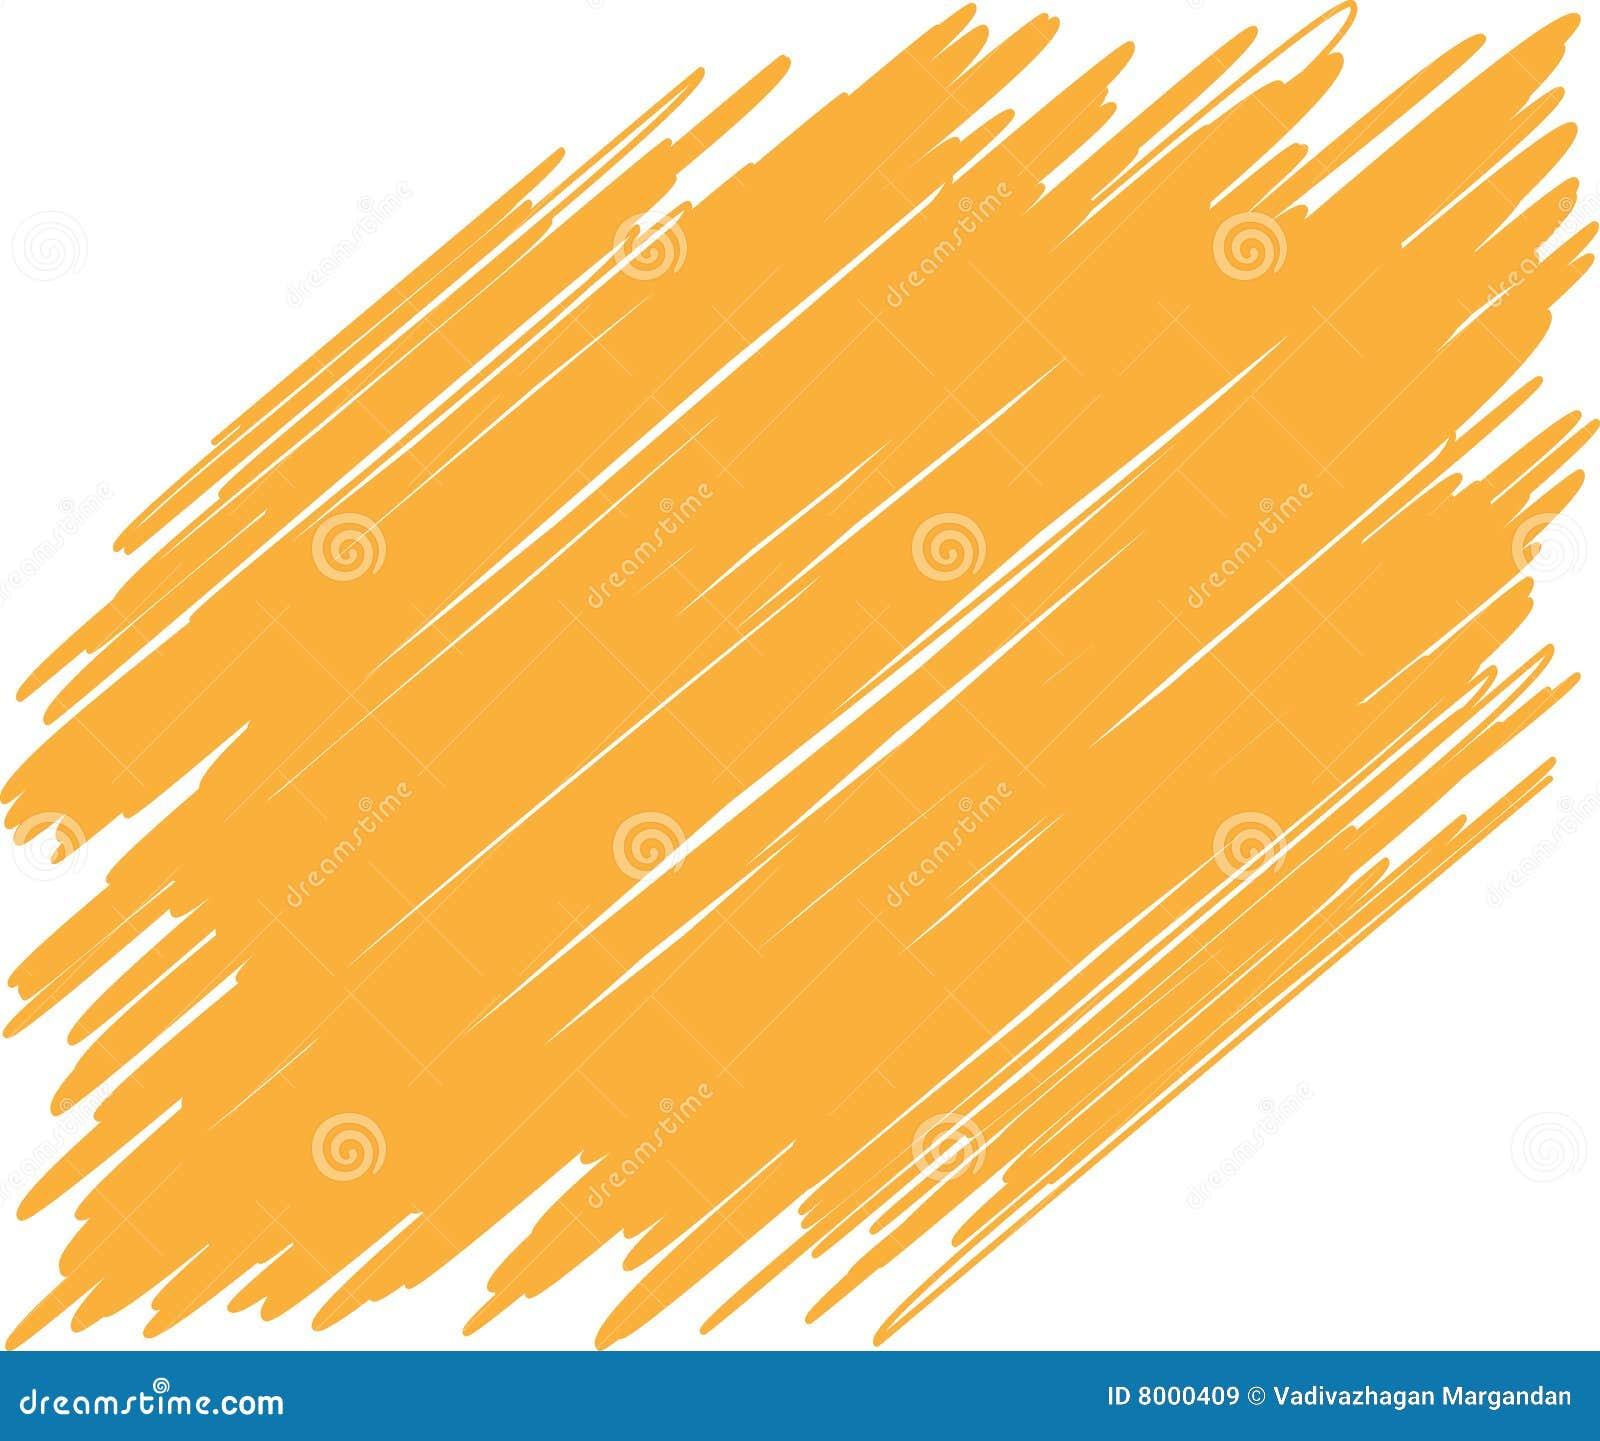 brush stroke stock vector illustration of object stain